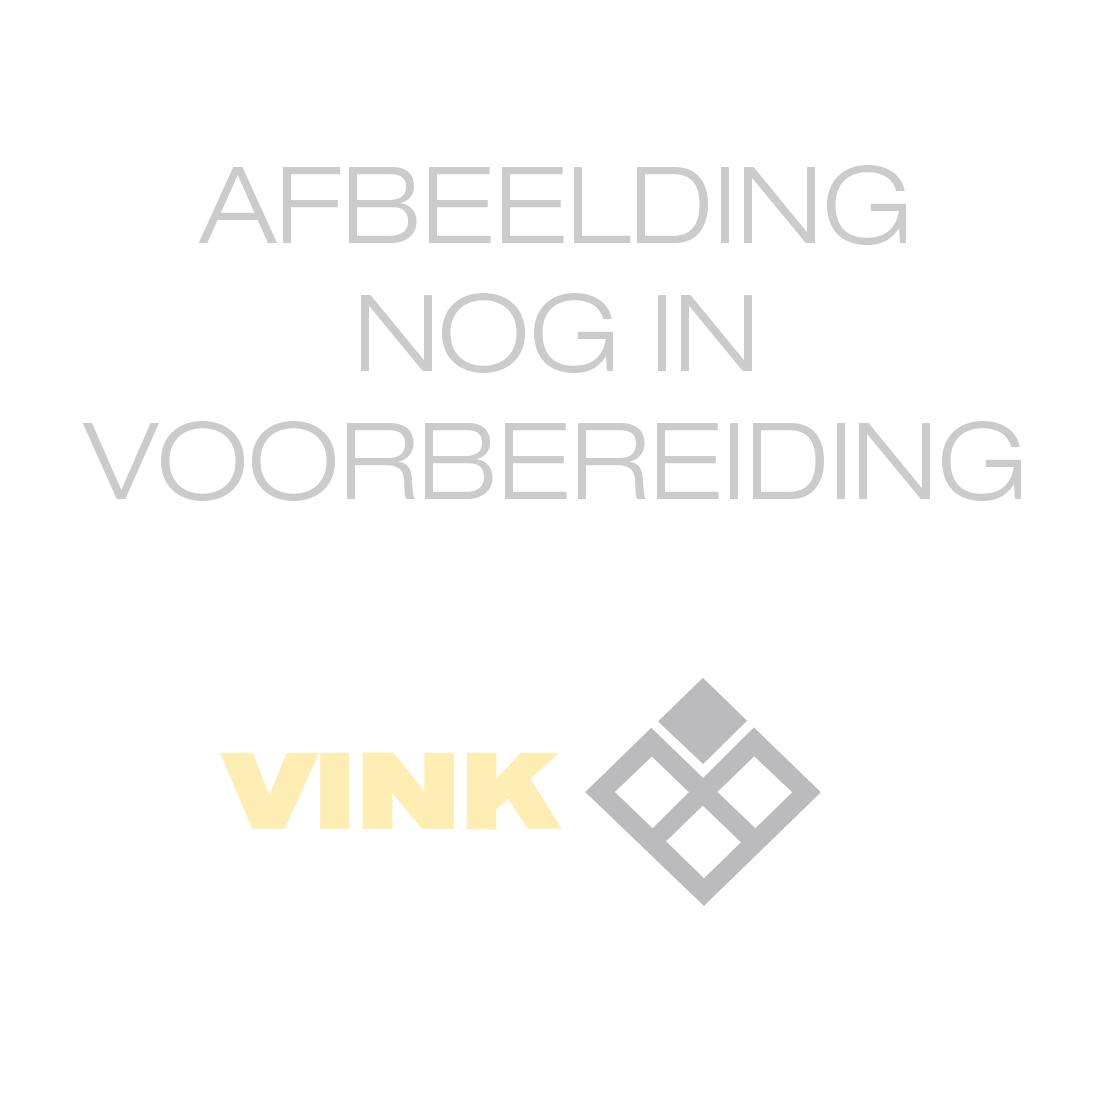 GF ABS VERLOOPSTUK KORT d75 -d50 LIJMEIND/SOK PN10 729900365